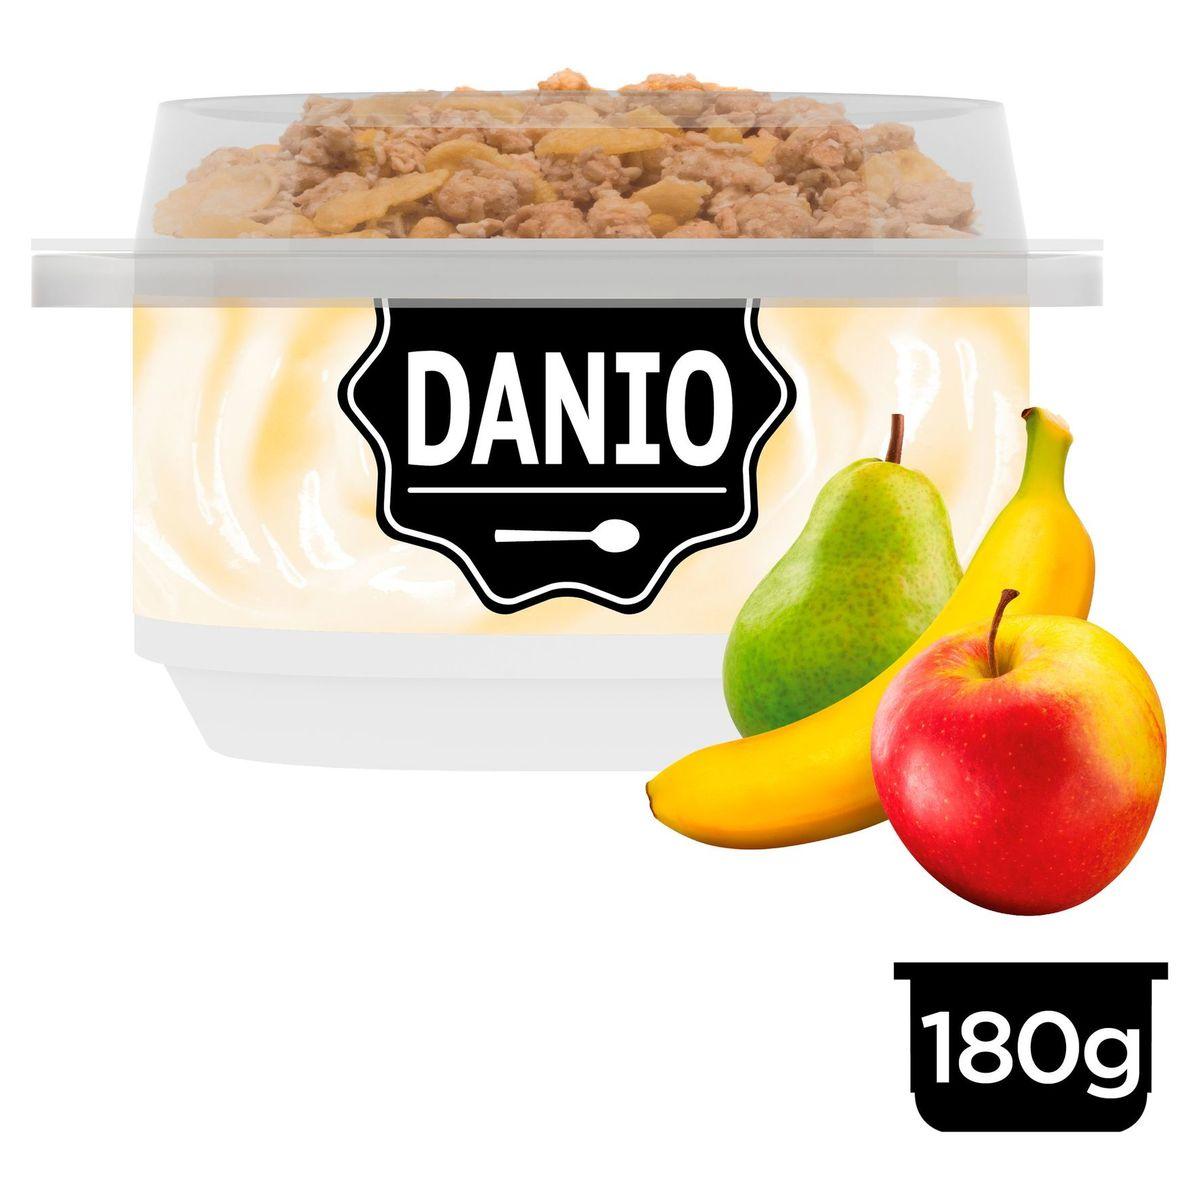 Danio Breakfast Specialiteit met Verse Kaas Peer Appel Banaan 195 g